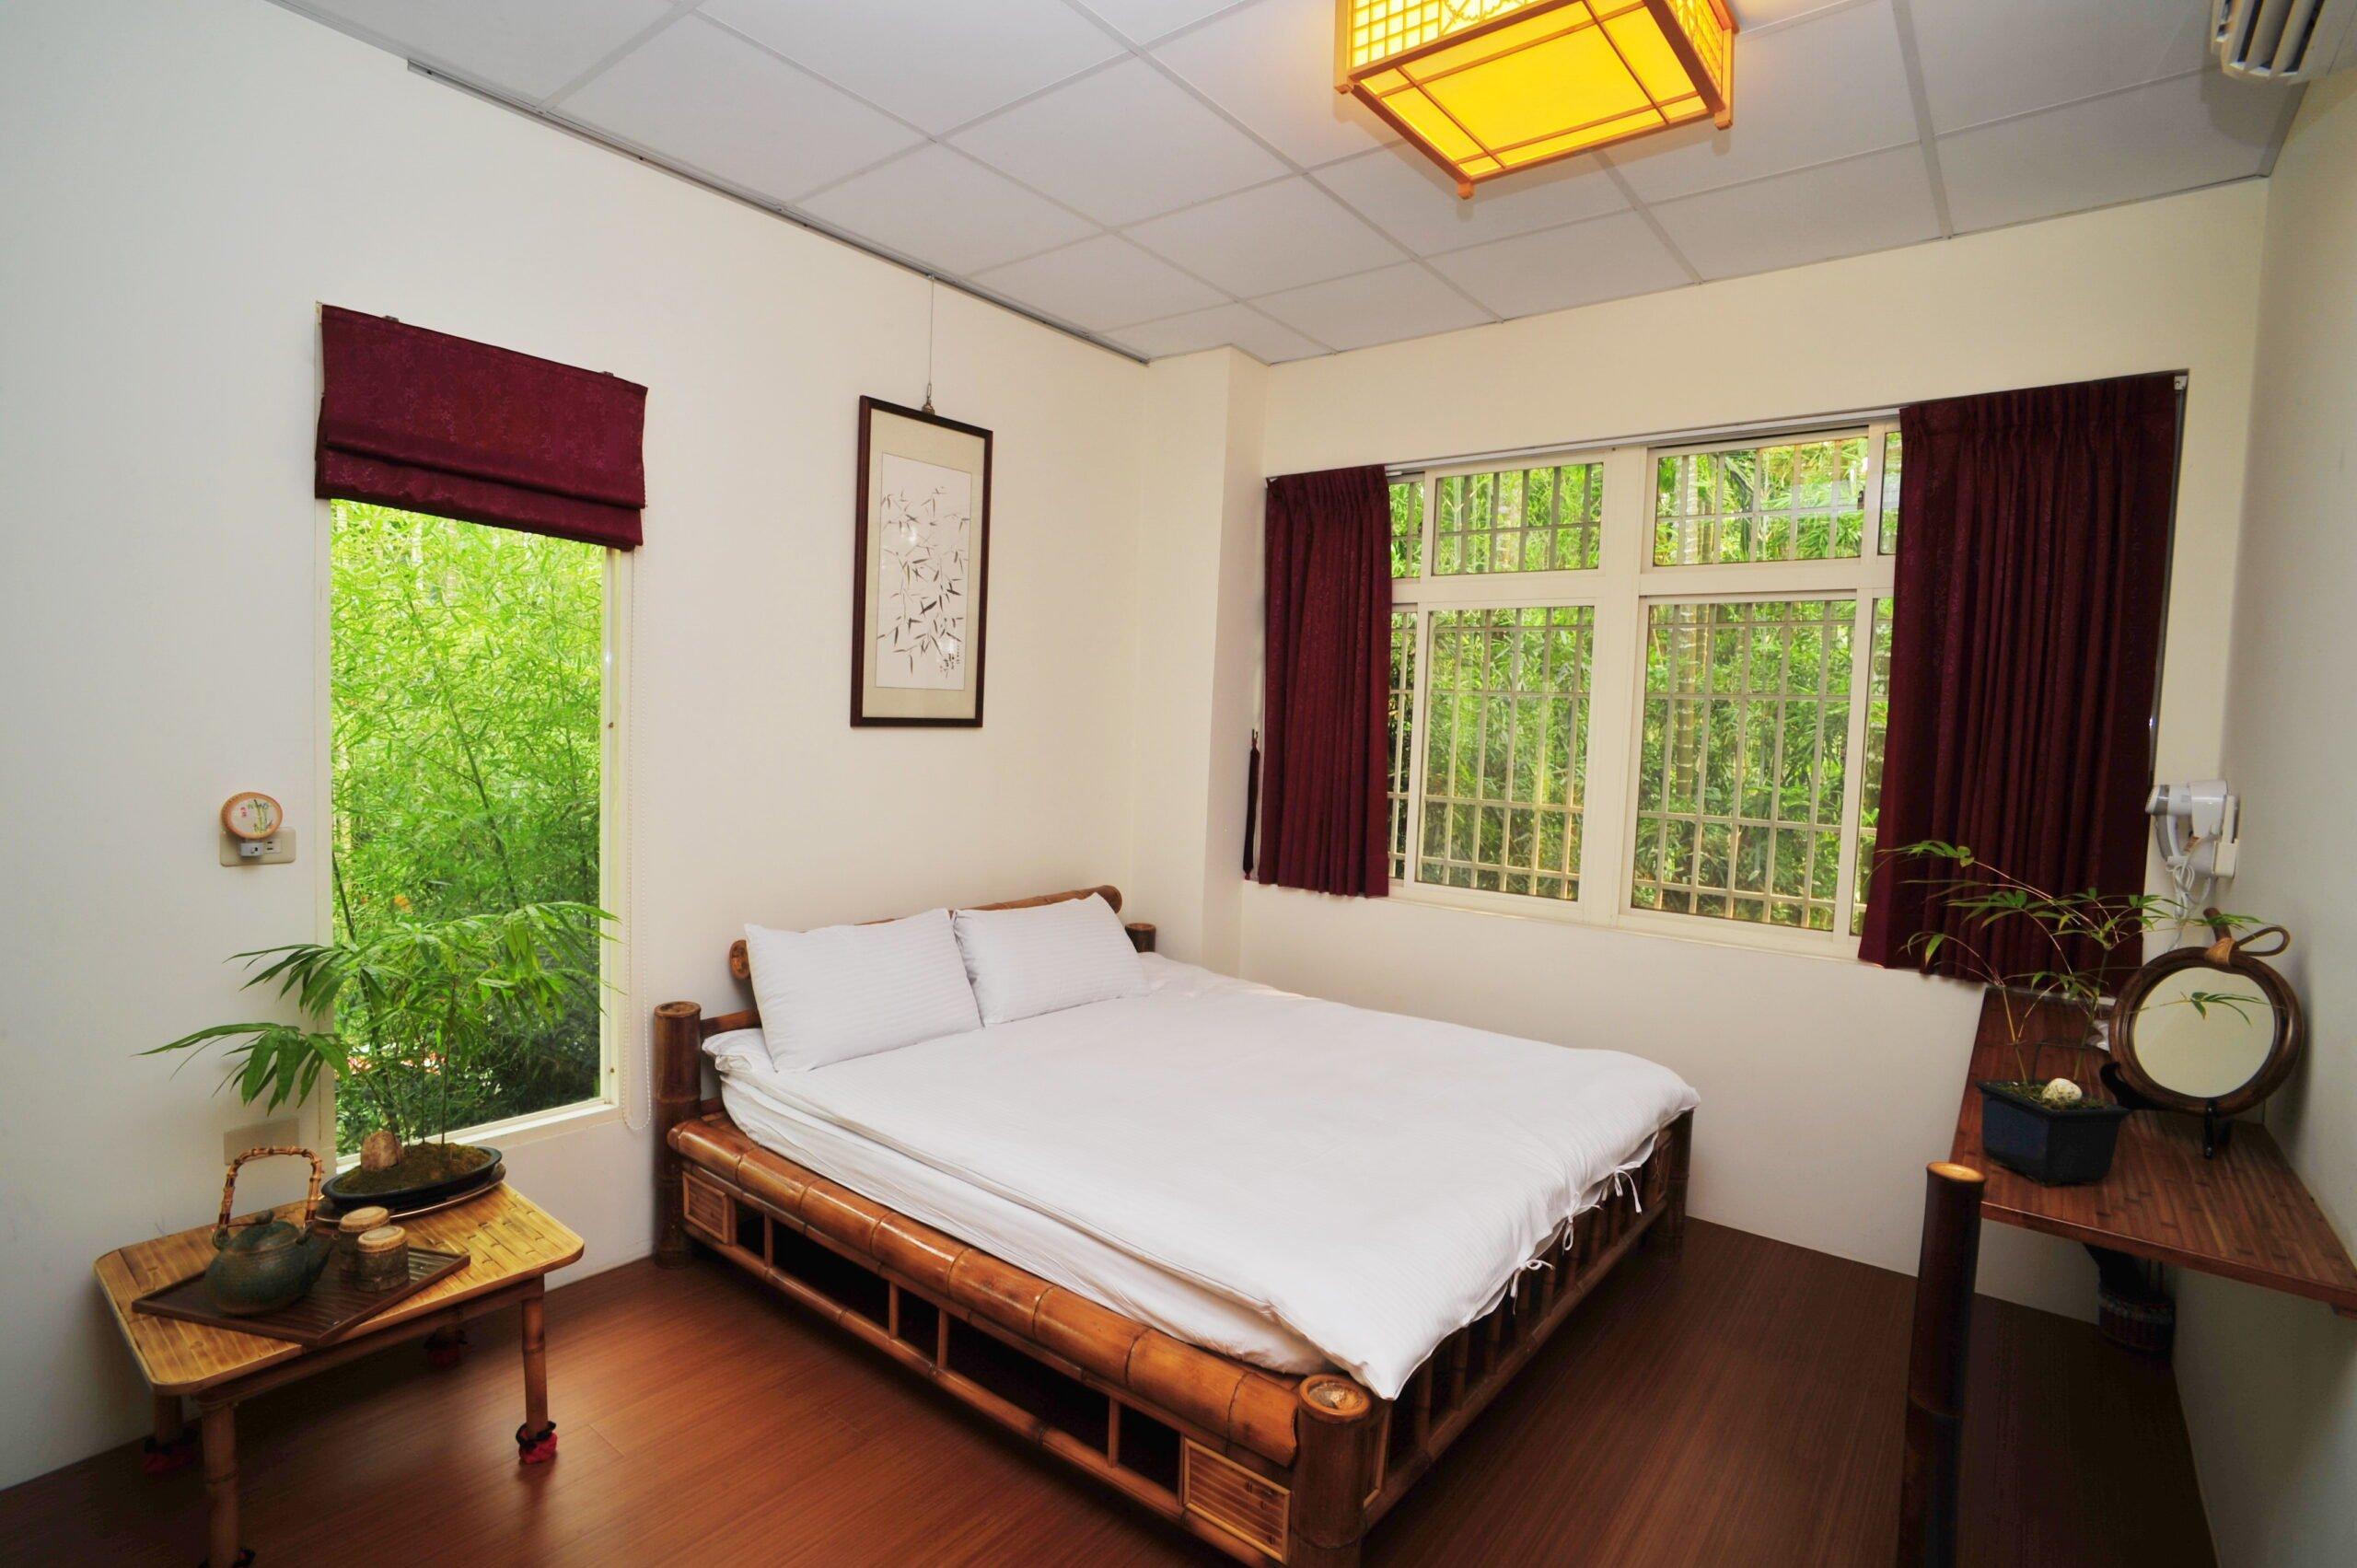 竹床雙人房